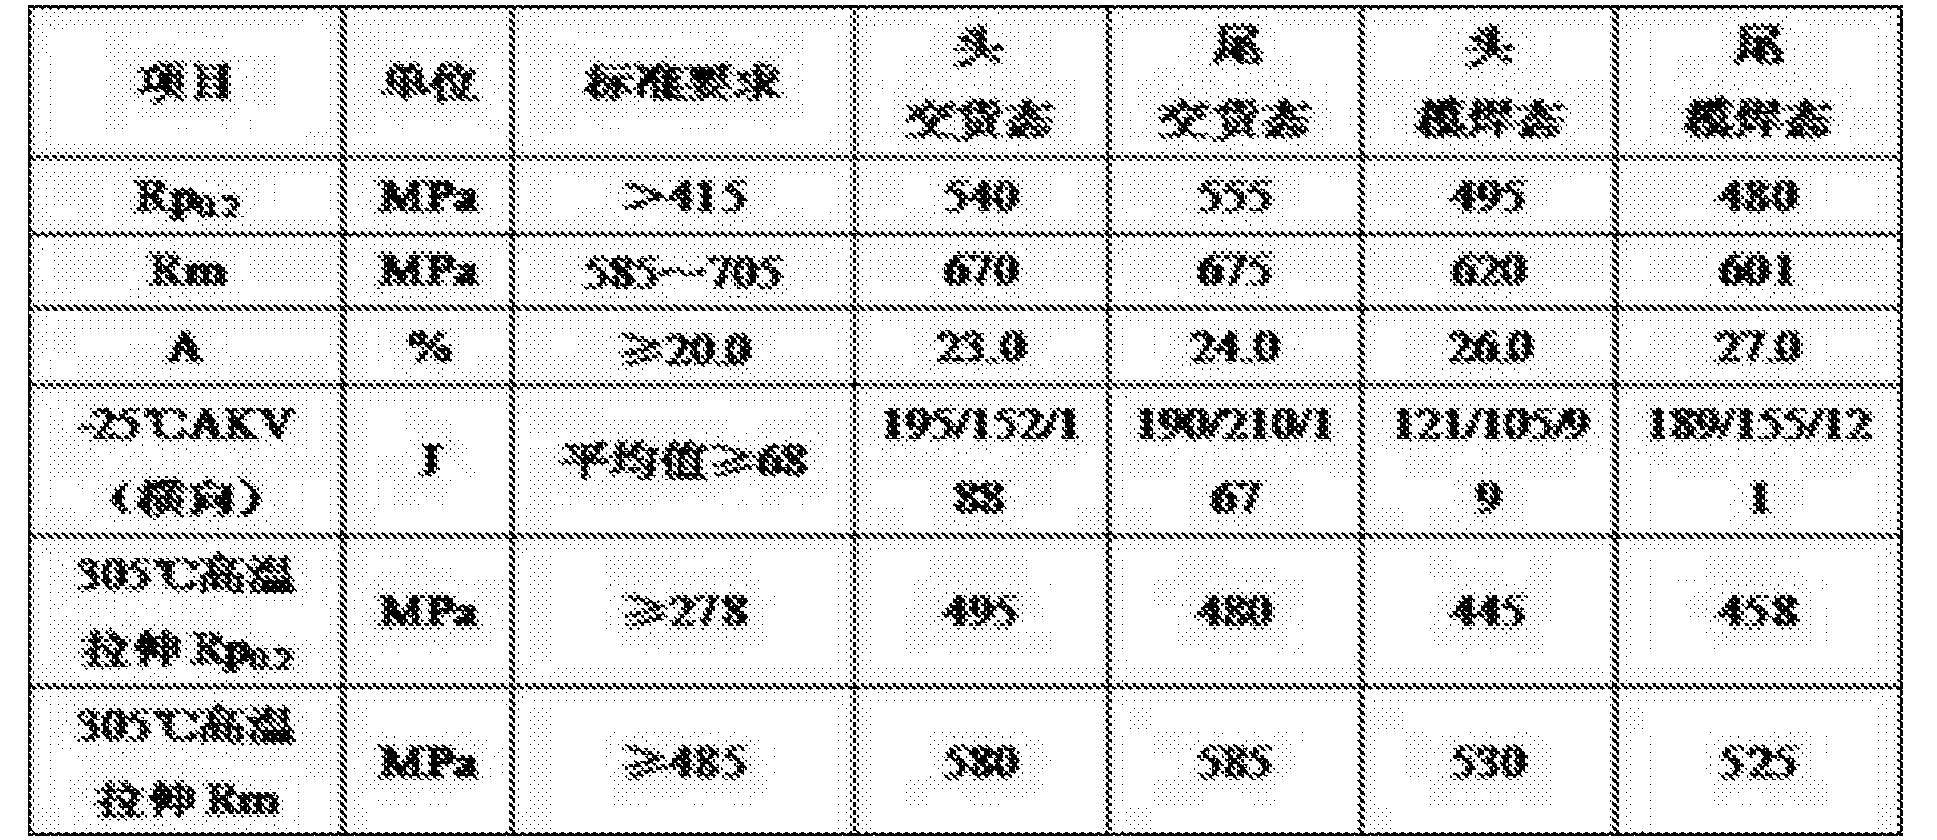 Figure CN105624550BD00081